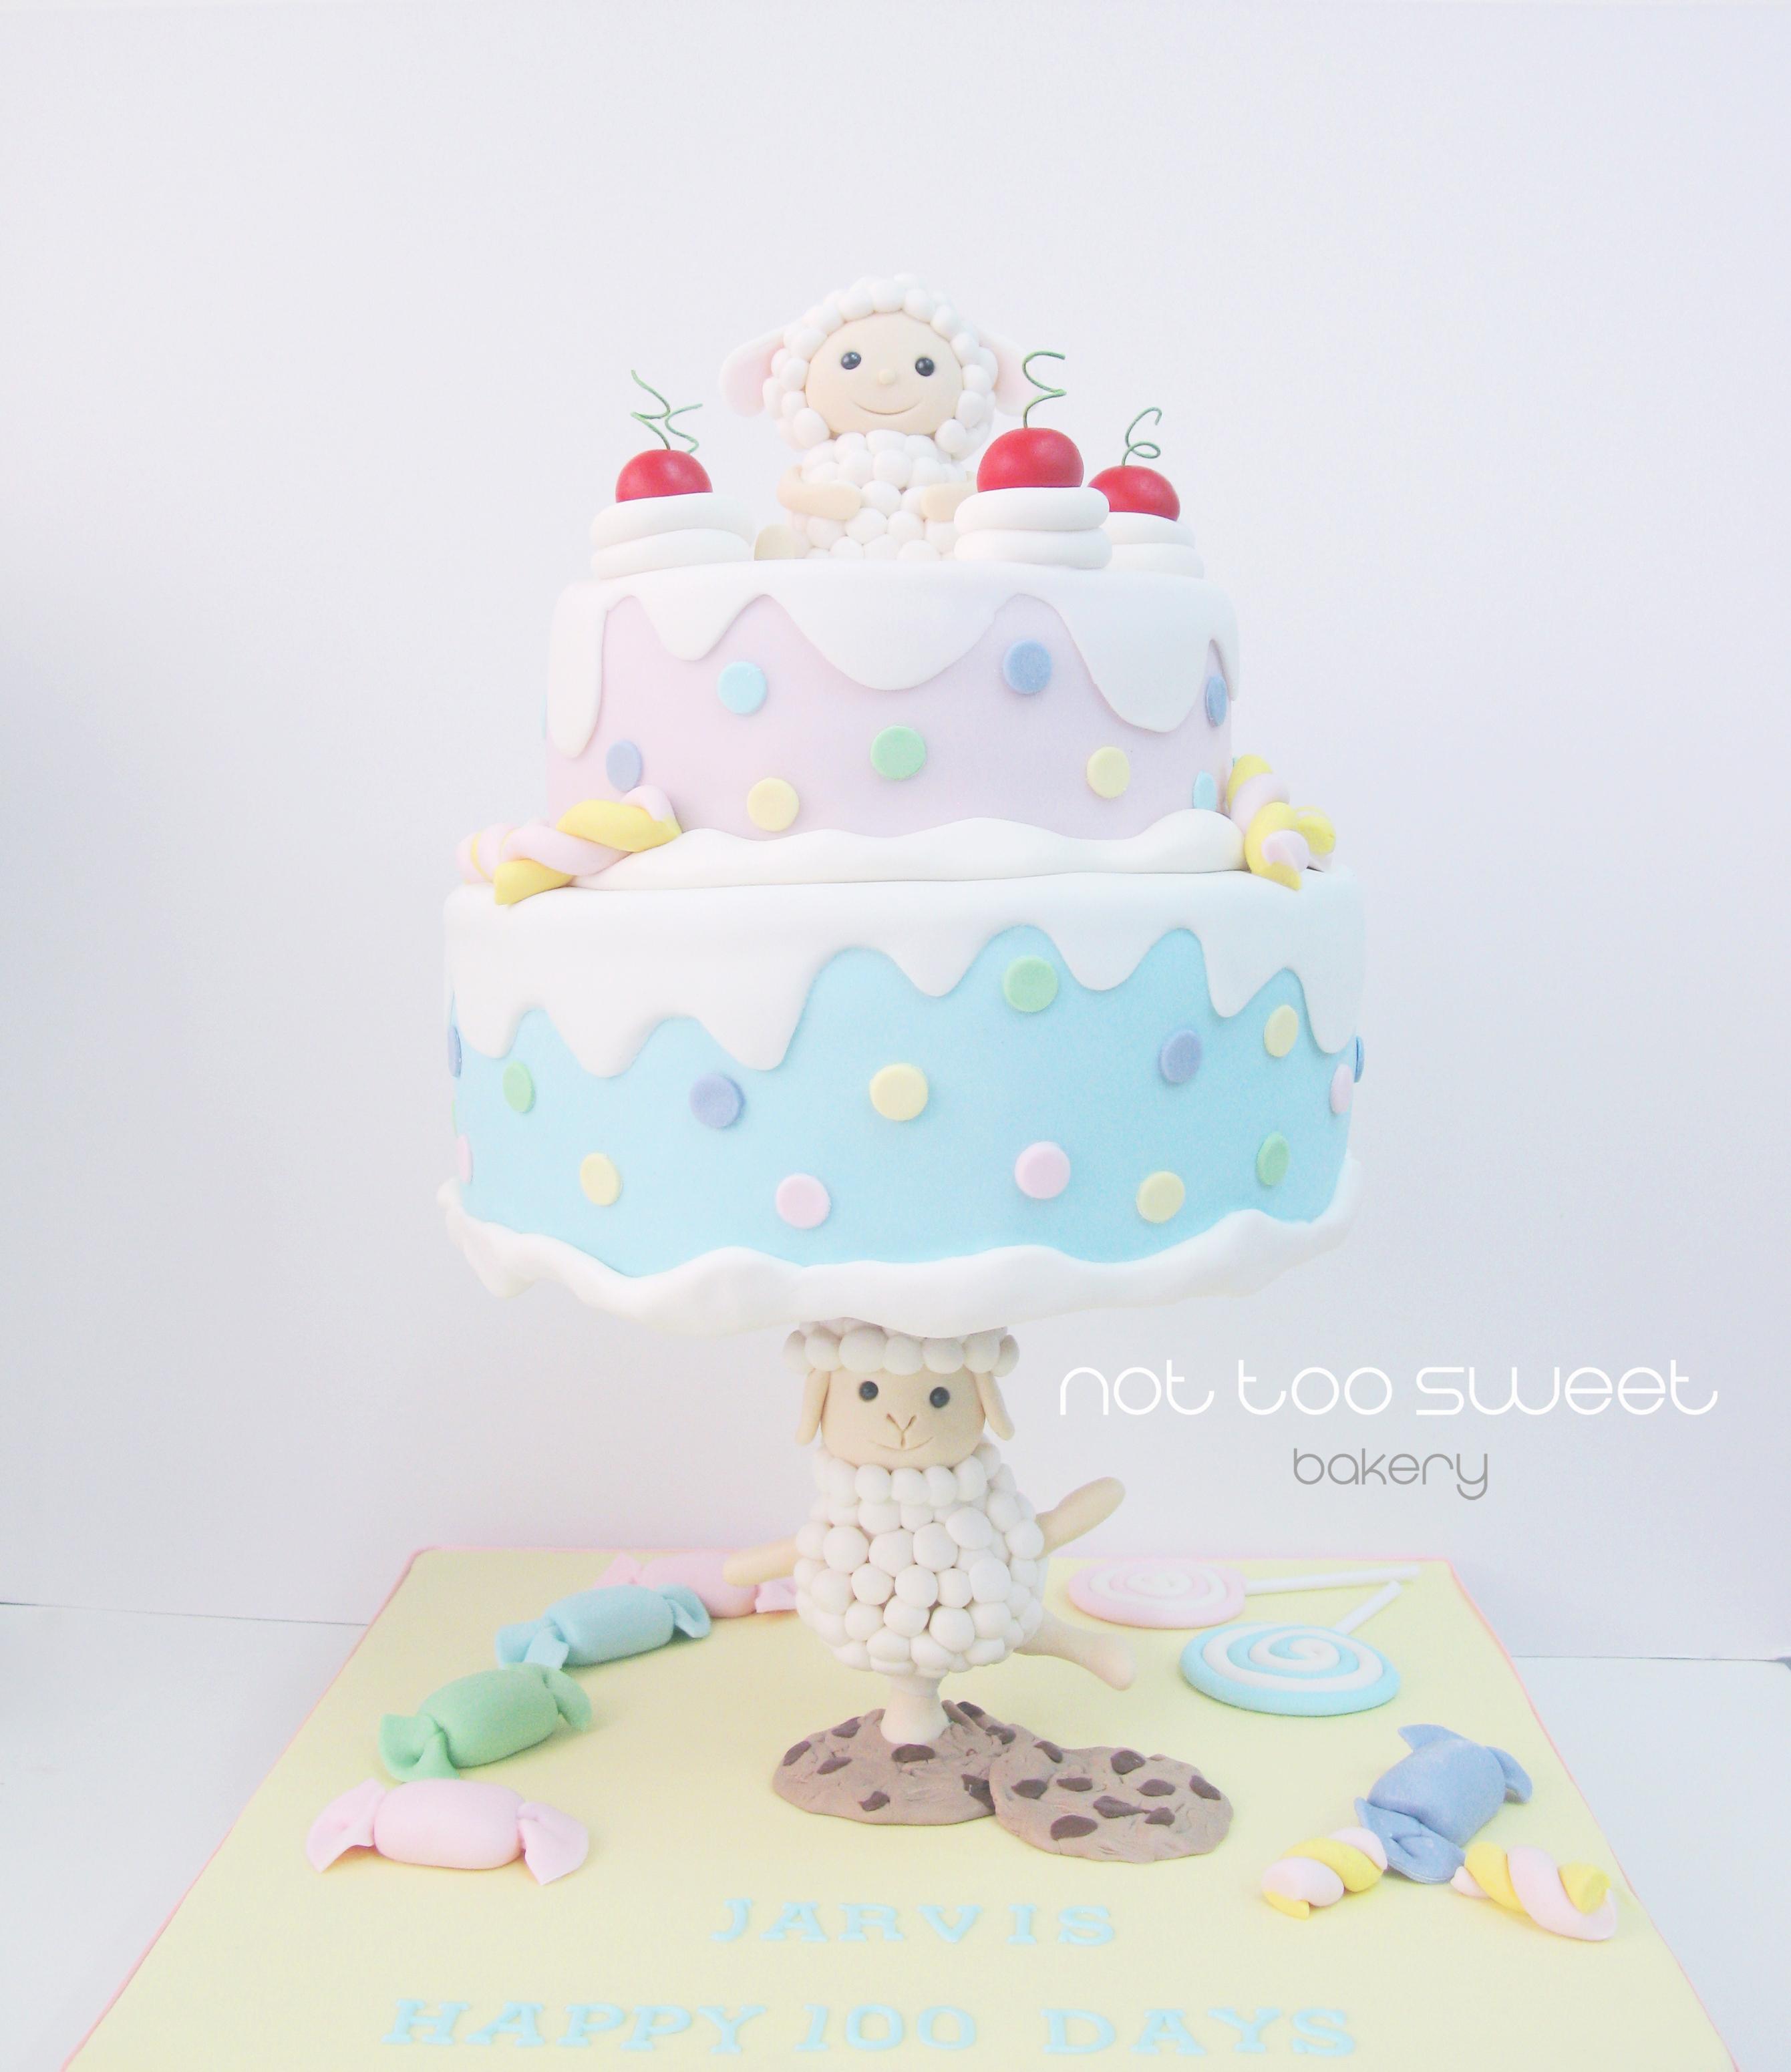 Gravity defying baby Sheep birthday cake